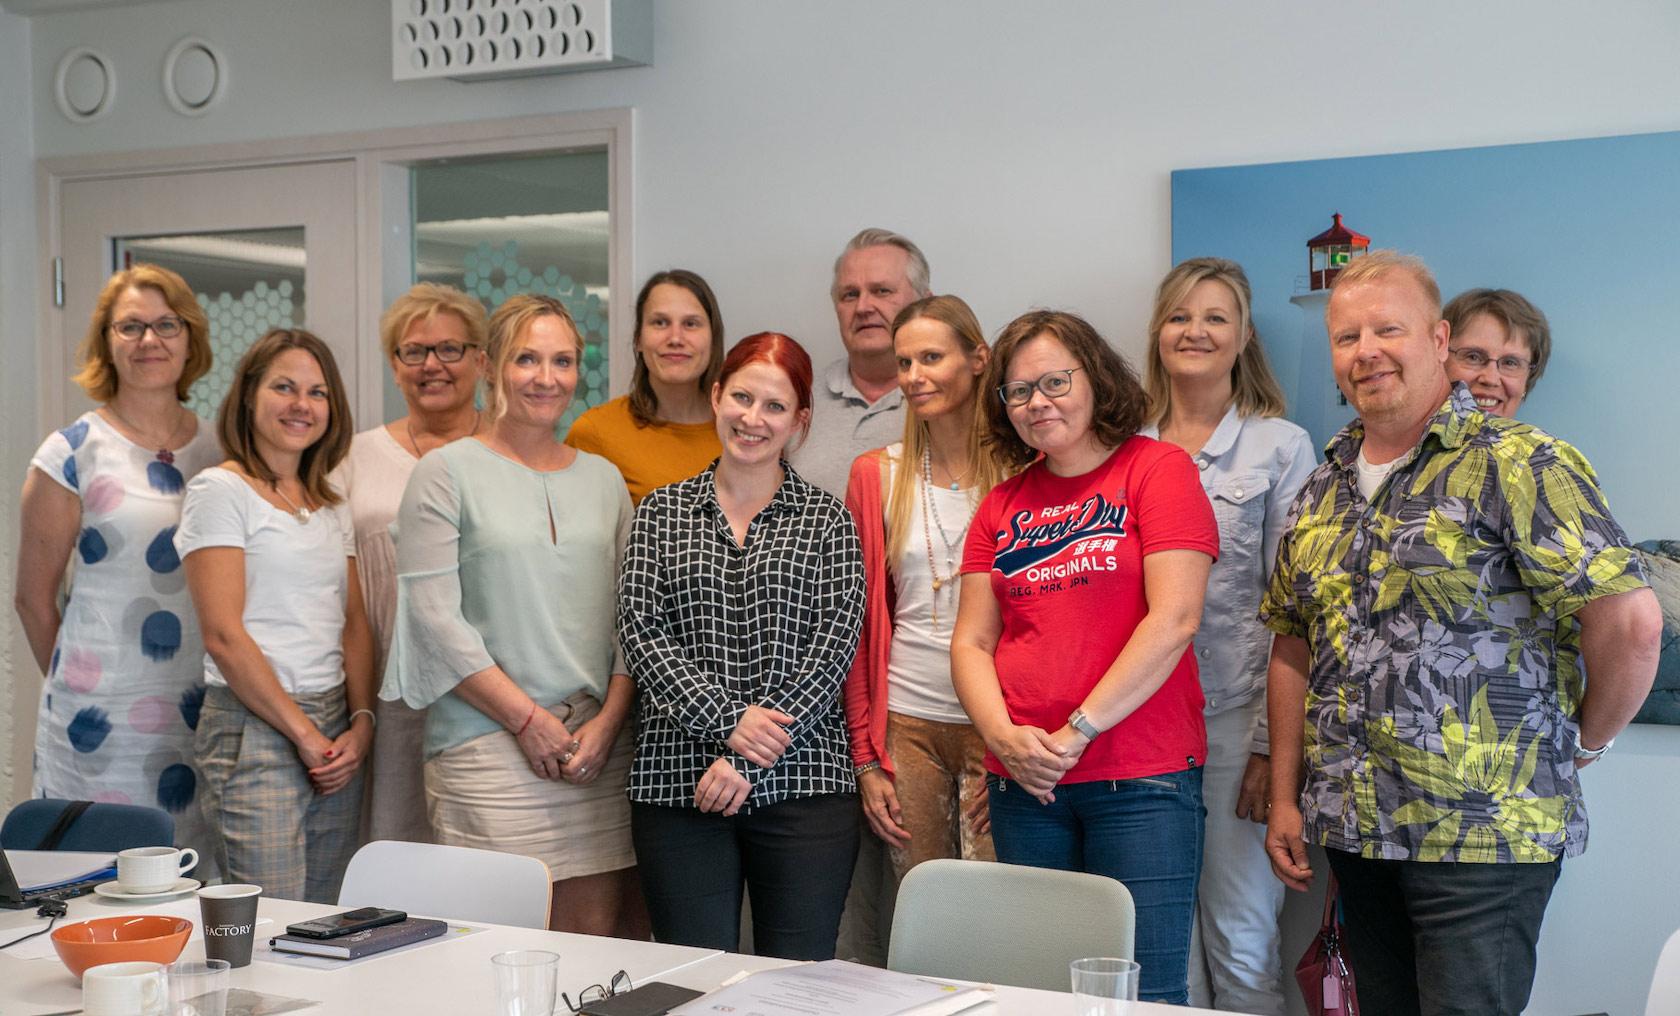 Kuvituskuva artikkelille 'Espoo: Liiketoimintaosaamista yrittäjille'